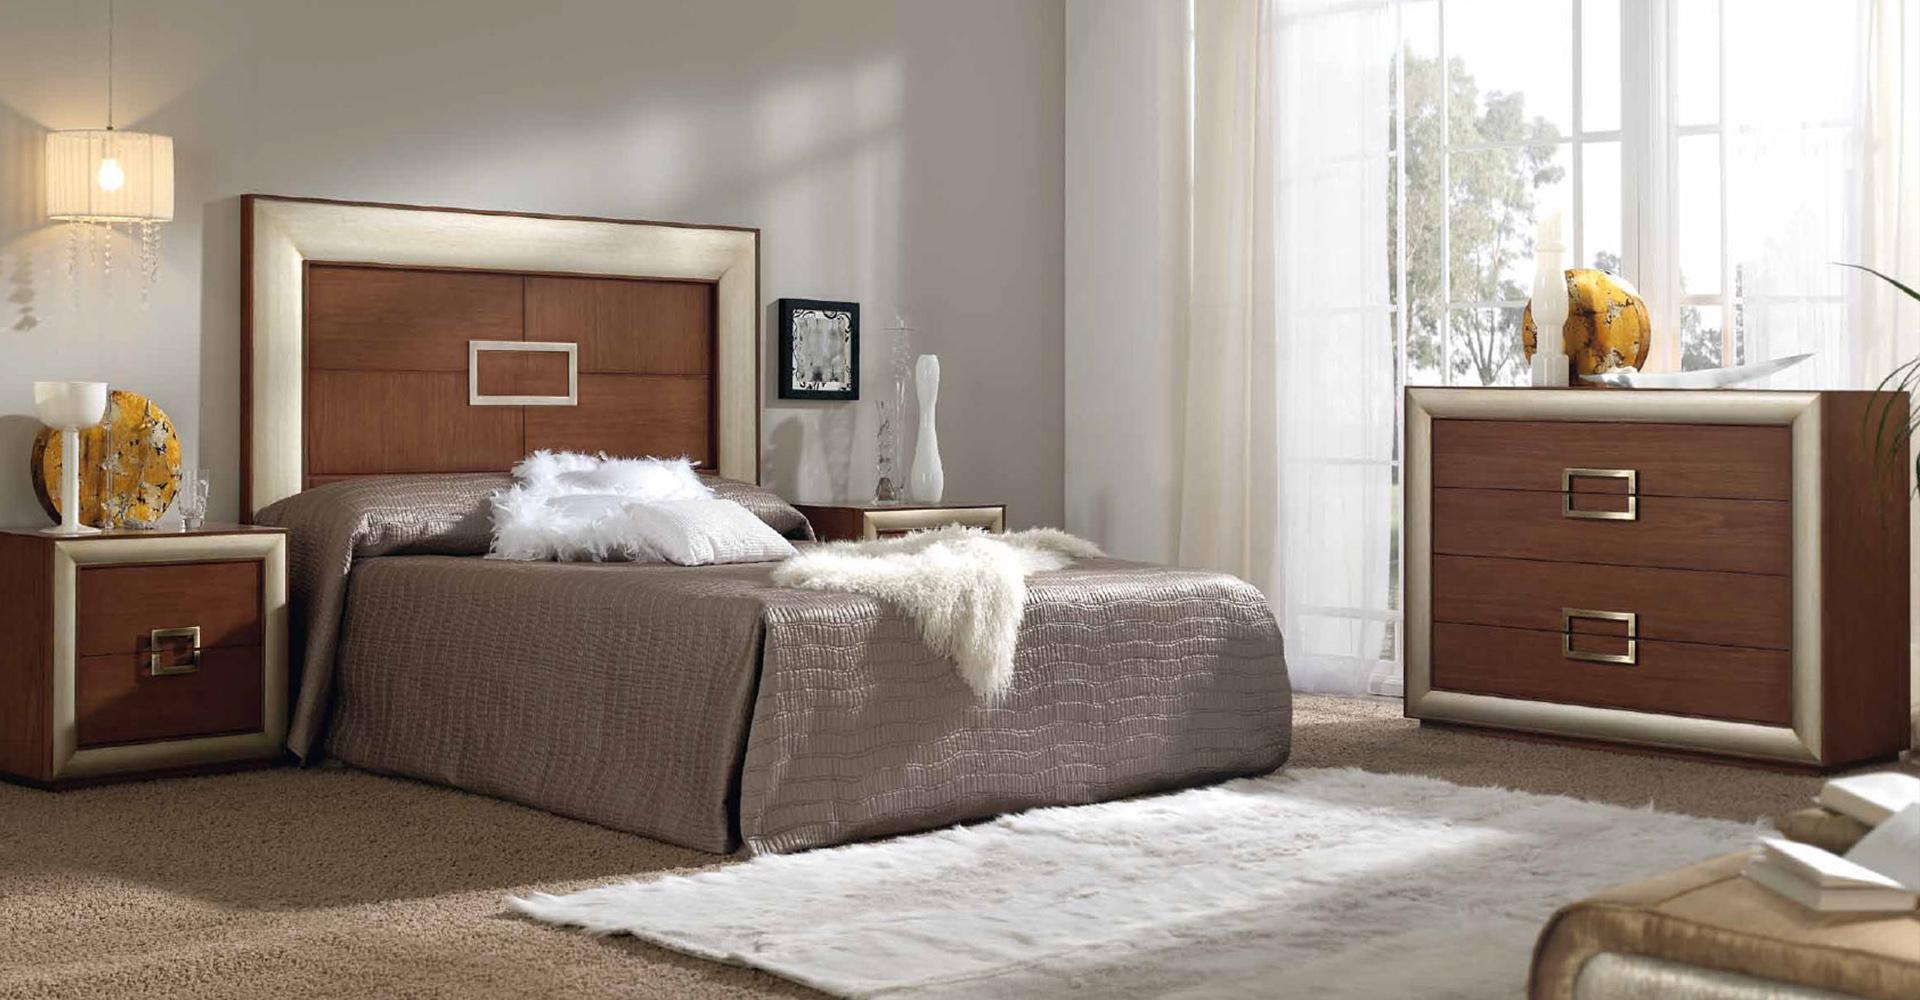 dormitorio de estilo contemporaneo (95)